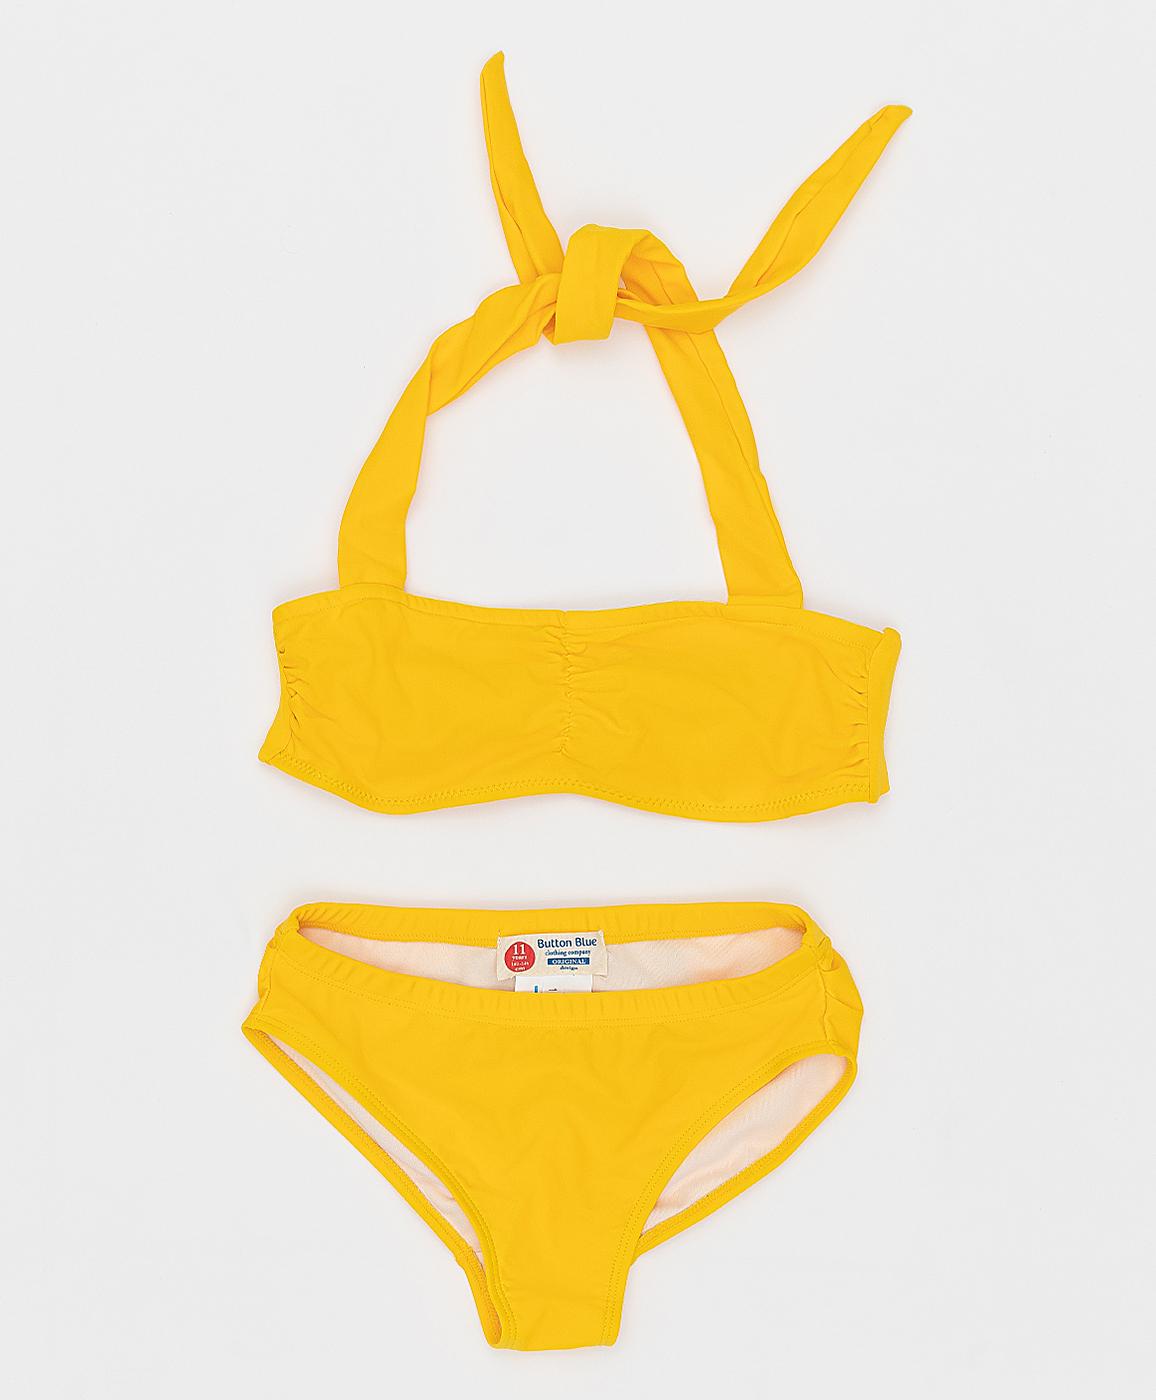 Купить 121BBGJU80012700, Желтый раздельный купальник Button Blue, желтый, 152-158, Женский, Лето, ВЕСНА/ЛЕТО 2021 (shop: GulliverMarket Gulliver Market)